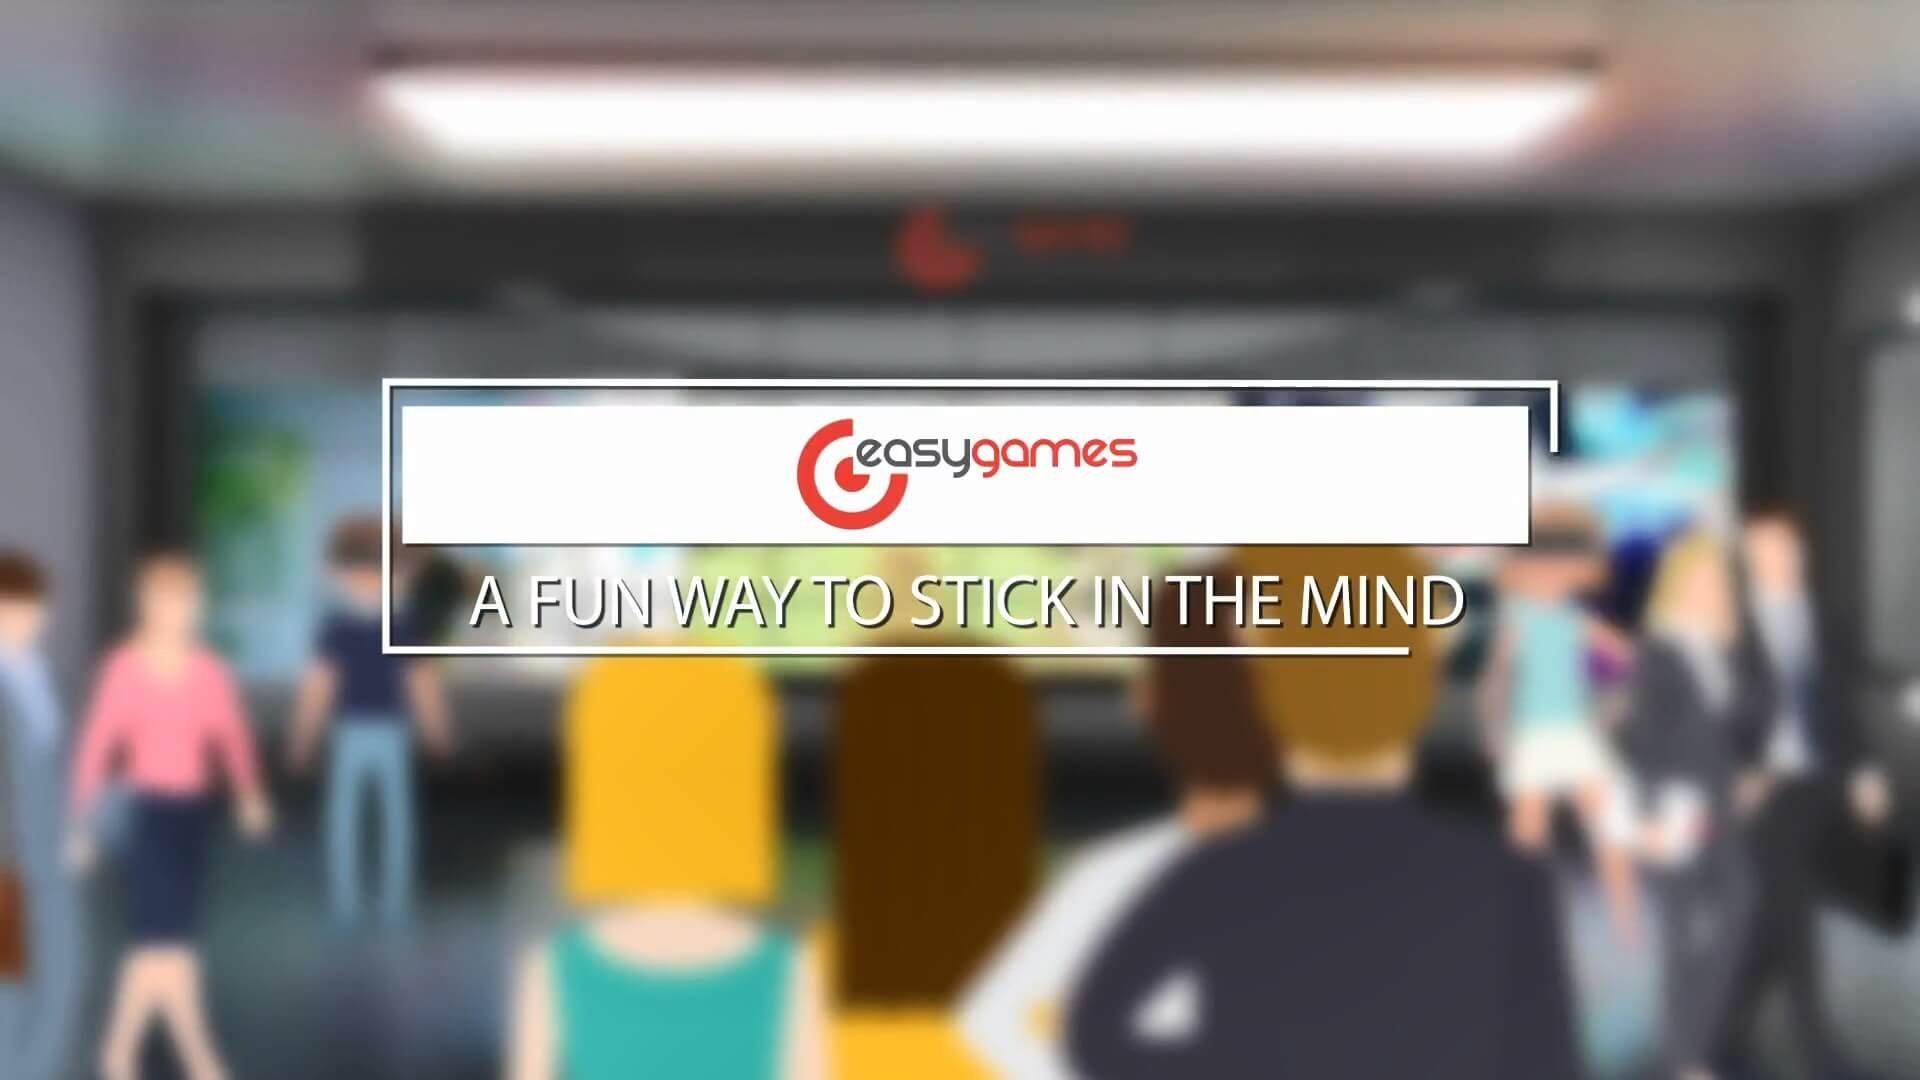 Easy Games8 1920x1080 - Easy Games Animasyon Filmi